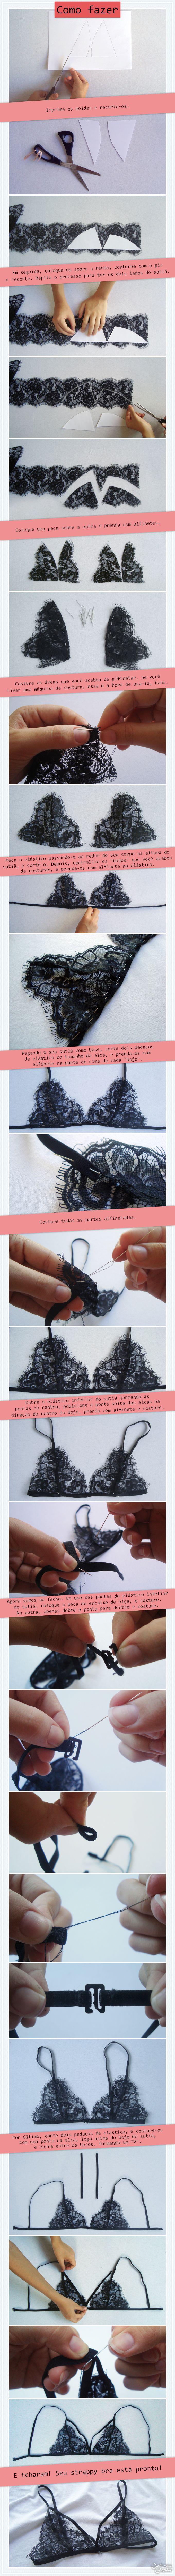 http://dingox.com DIY Strappy Bra | Lace bra | http://cademeuchapeu.com